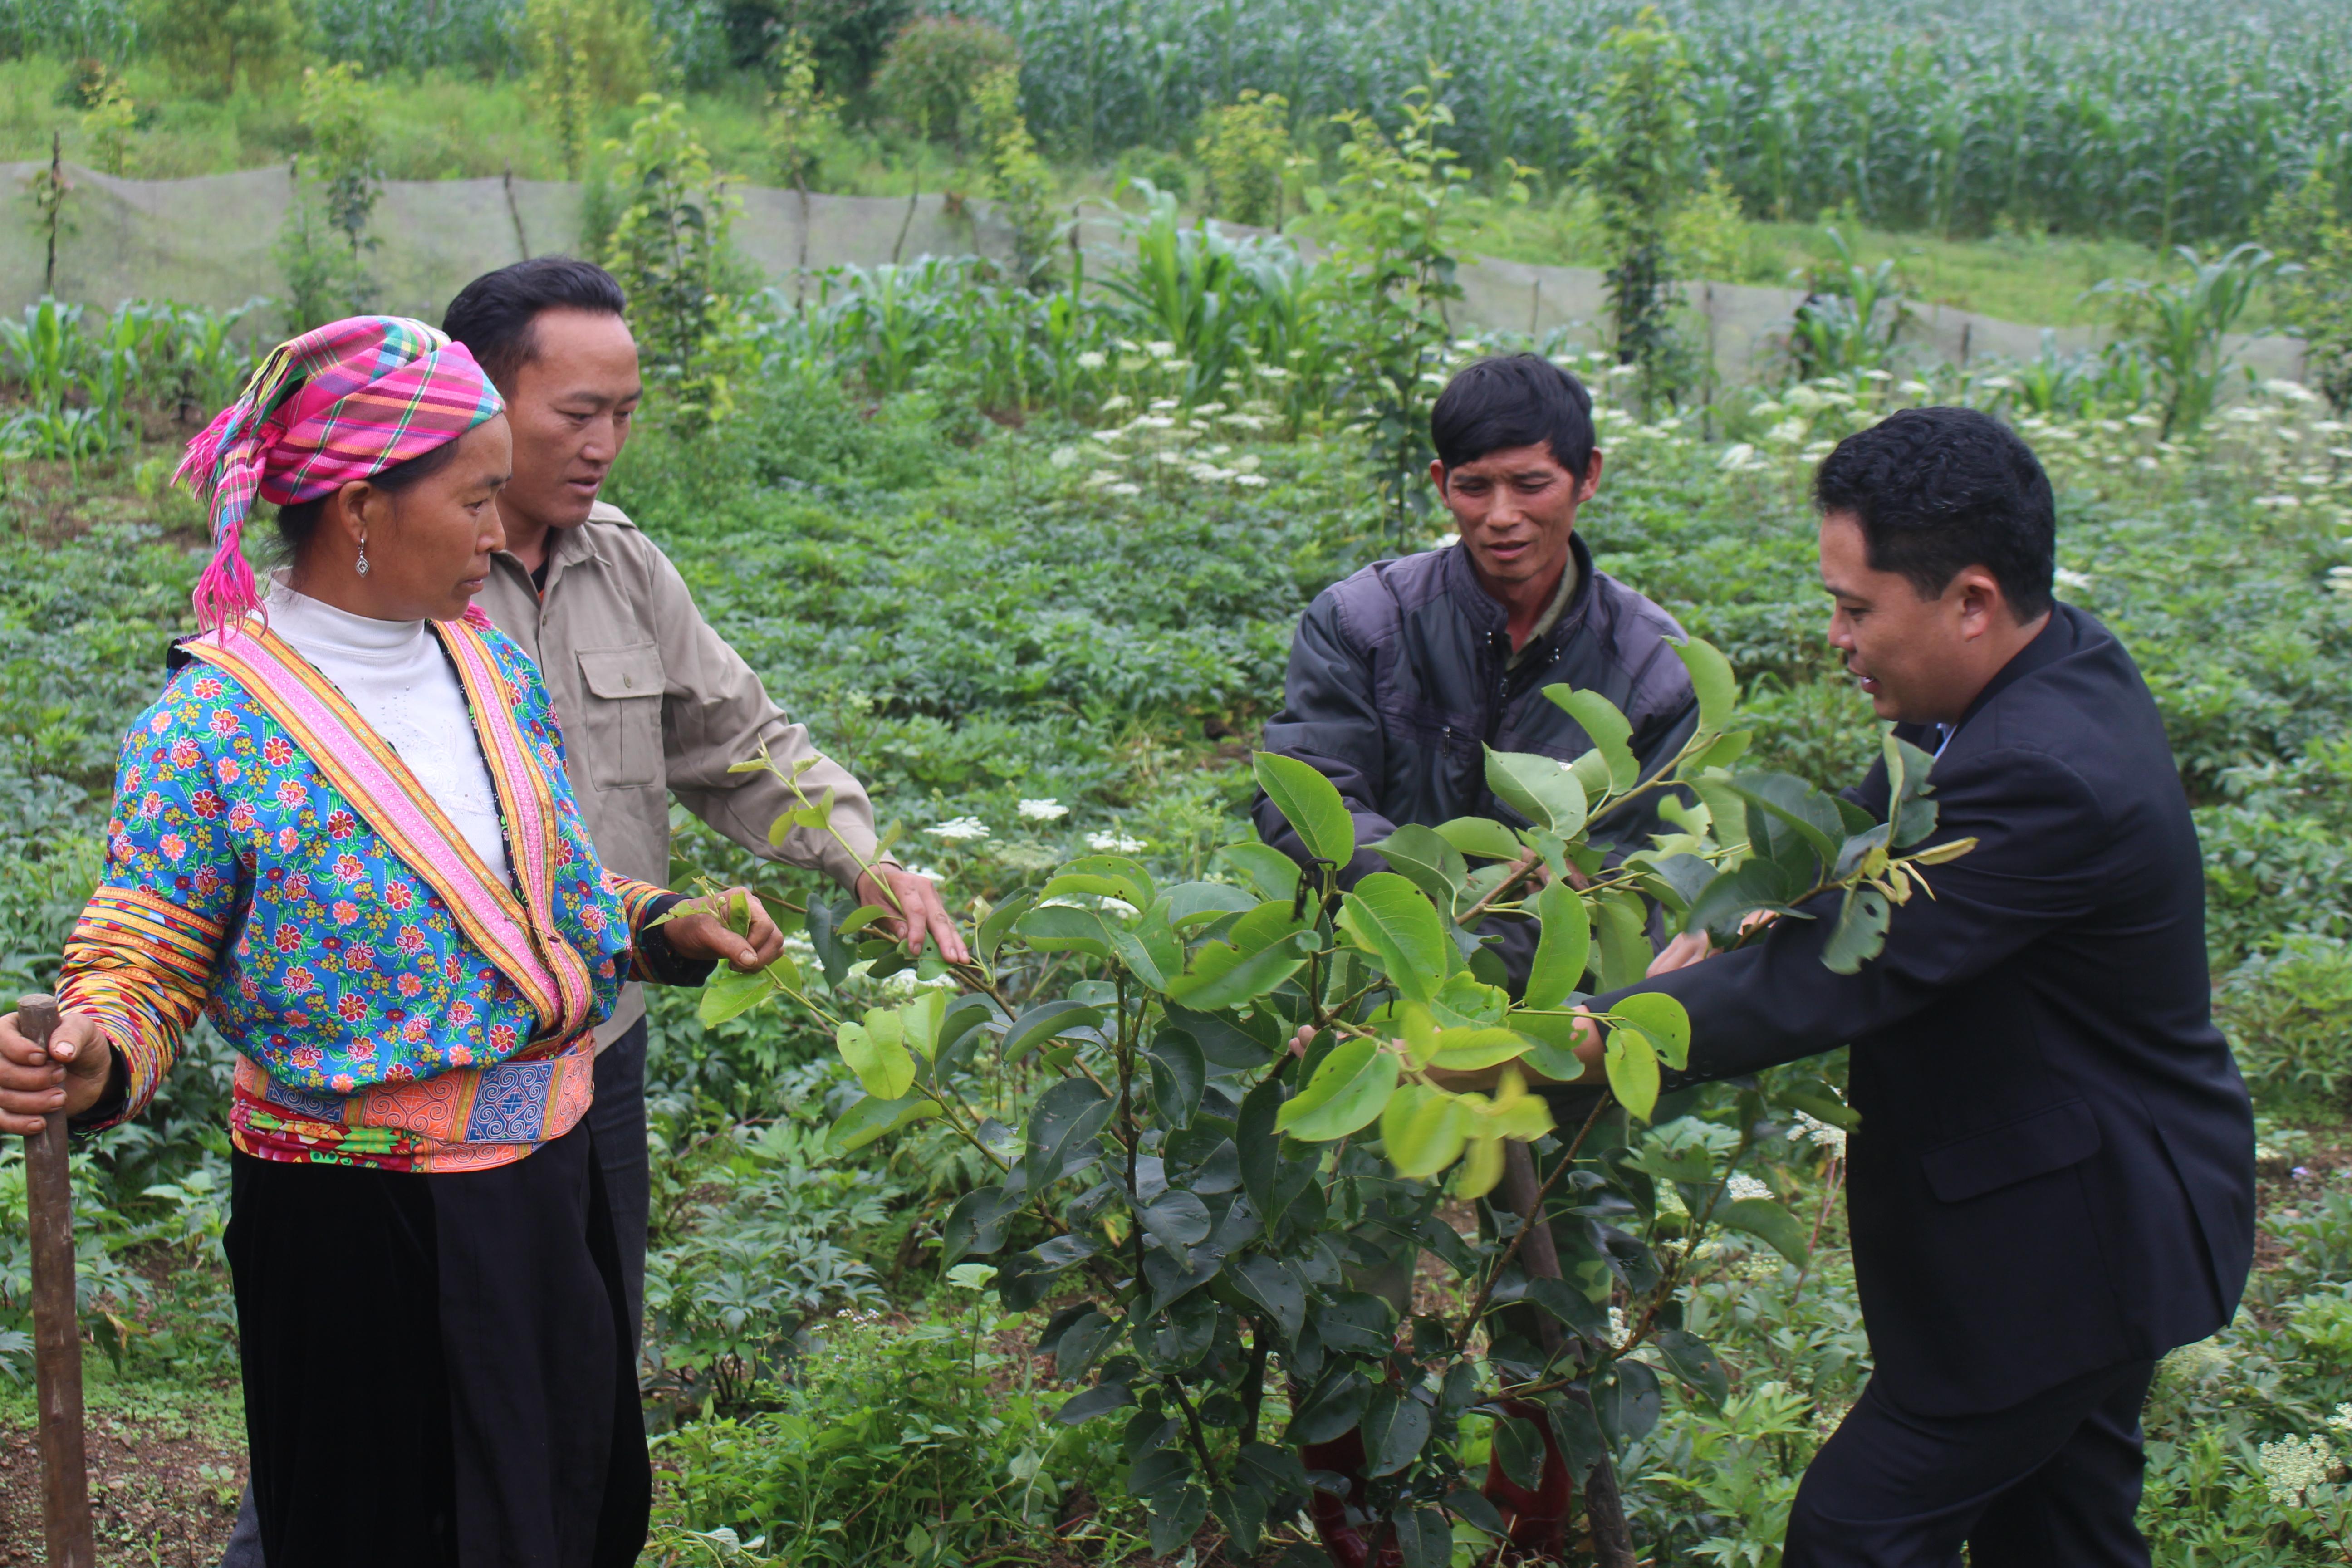 Cán bộ xã Xuân Thượng, huyện Bảo Yên hướng dẫn đồng bào DTTS chăm sóc cây ổi.